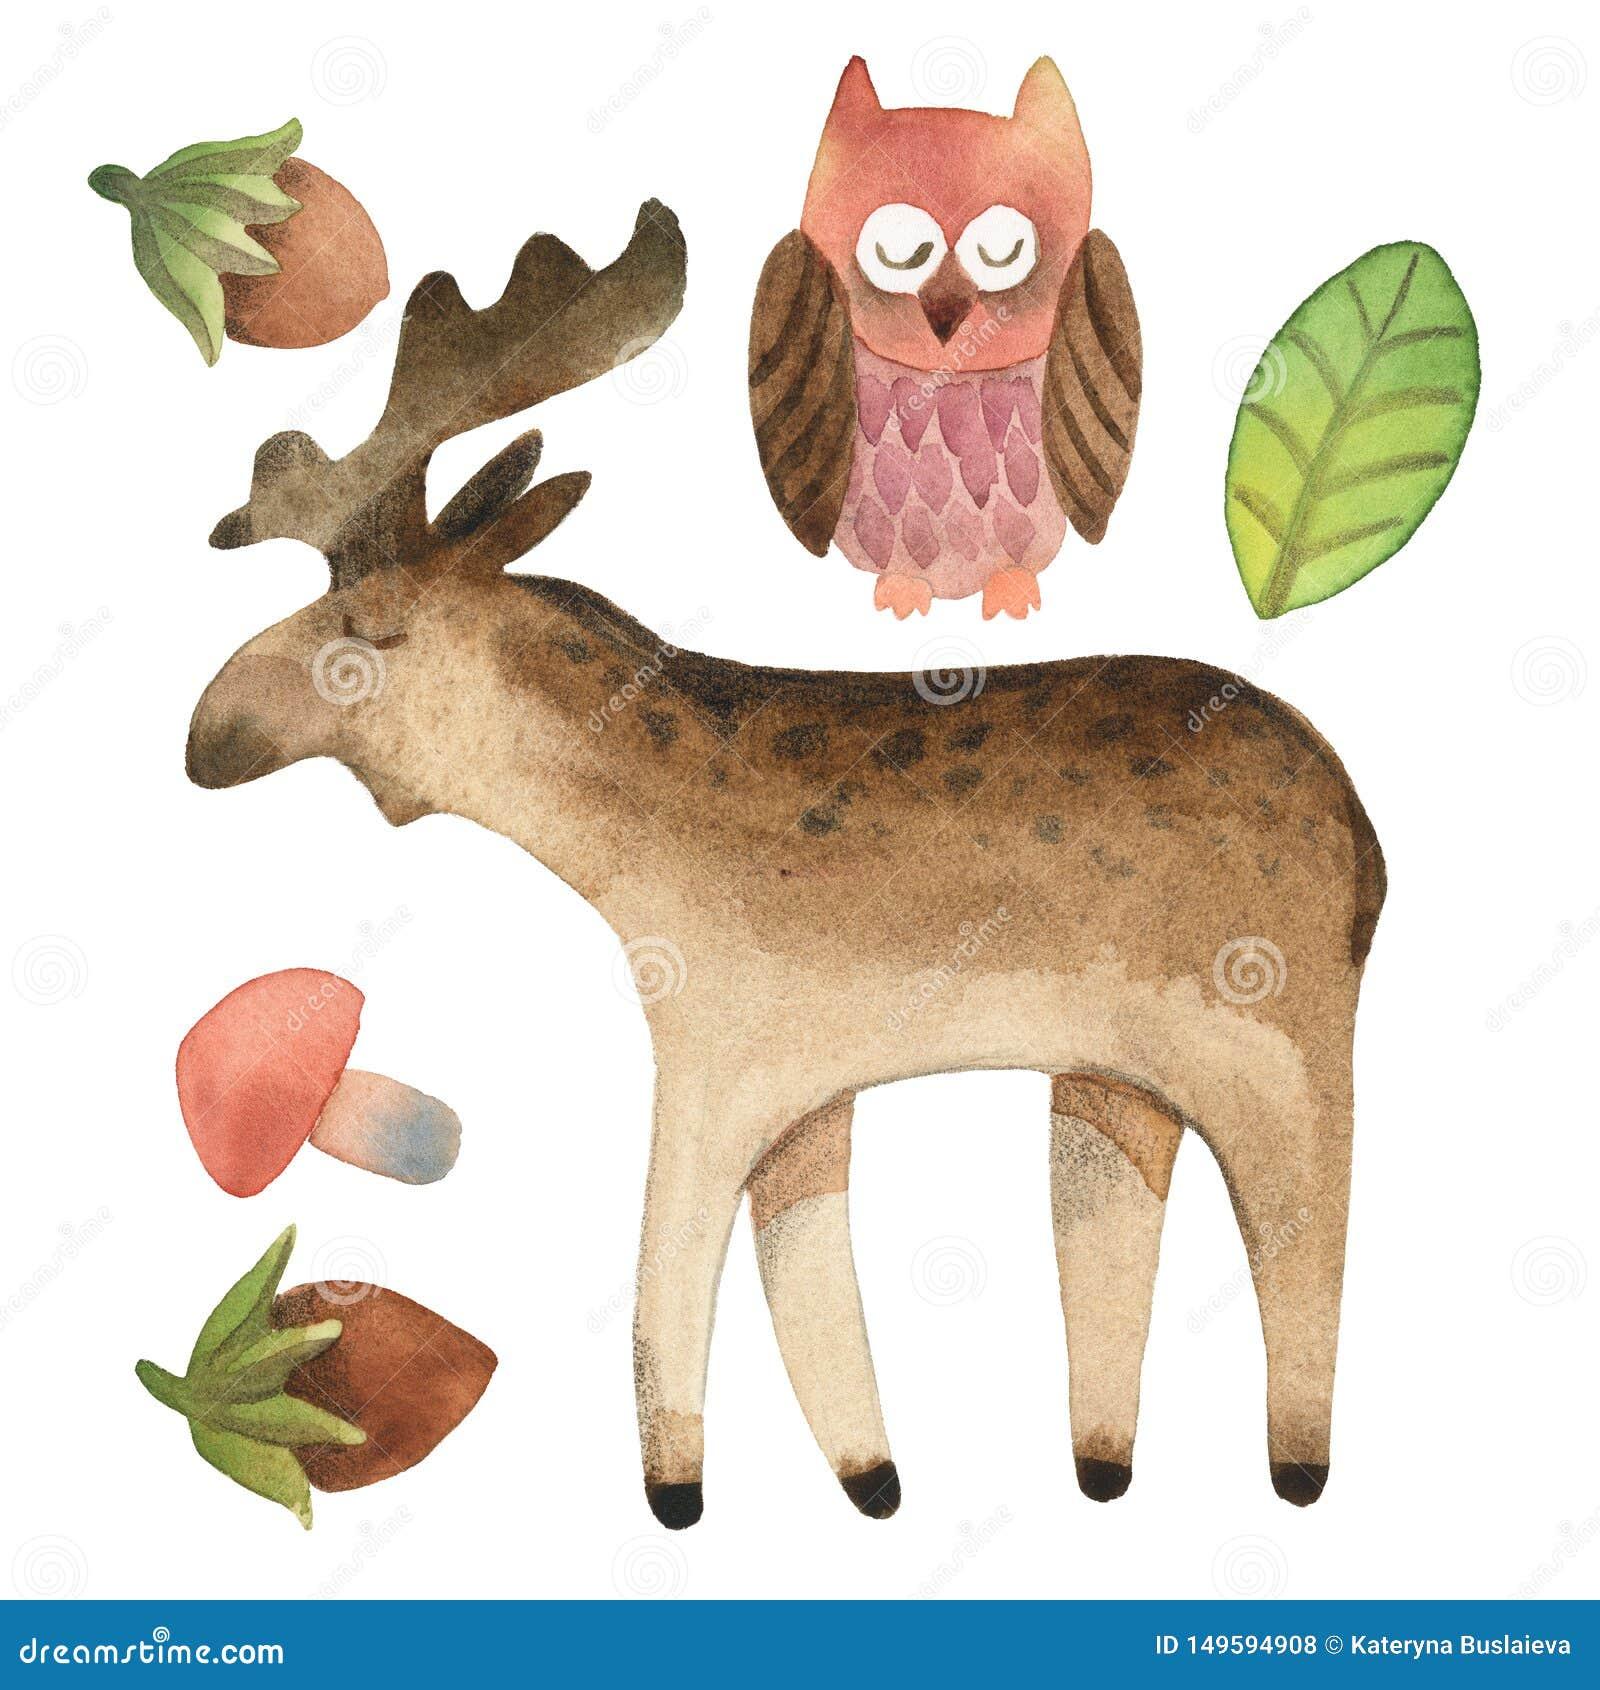 Schl?friger netter Steinkauz und Elche mit dem Blatt, Haselnuss und Pilz lokalisiert auf wei?em Hintergrund